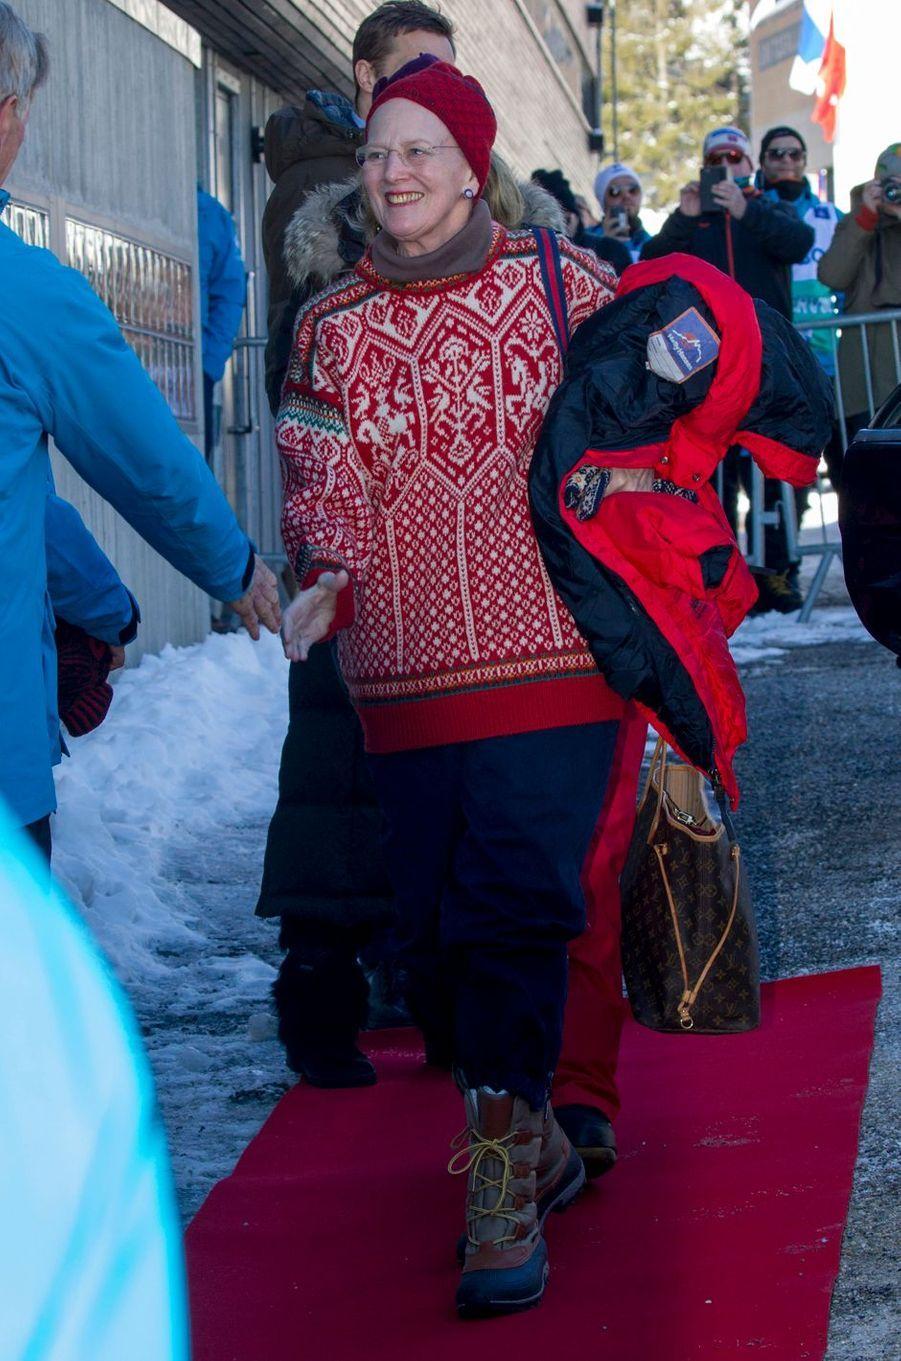 La reine Margrethe II de Danemark à Oslo, le 10 mars 2019